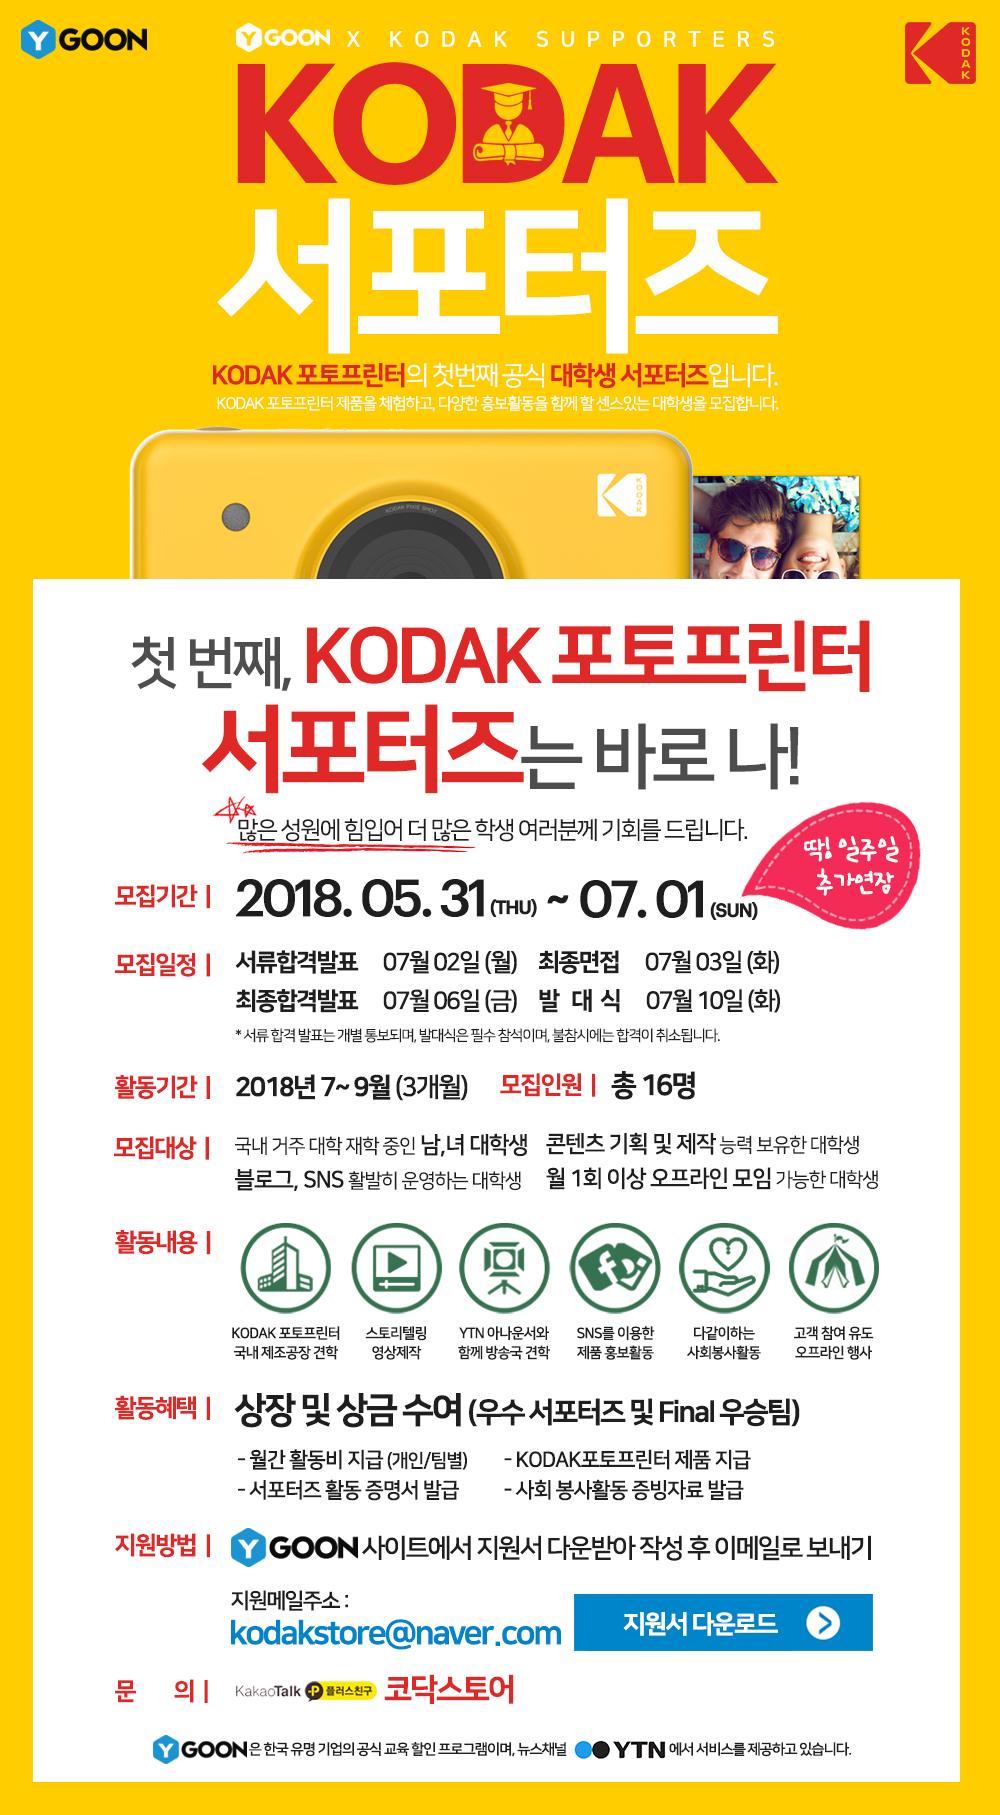 Ygoon & Kodak 코닥 포토프린터 대학생 서포터즈 1기